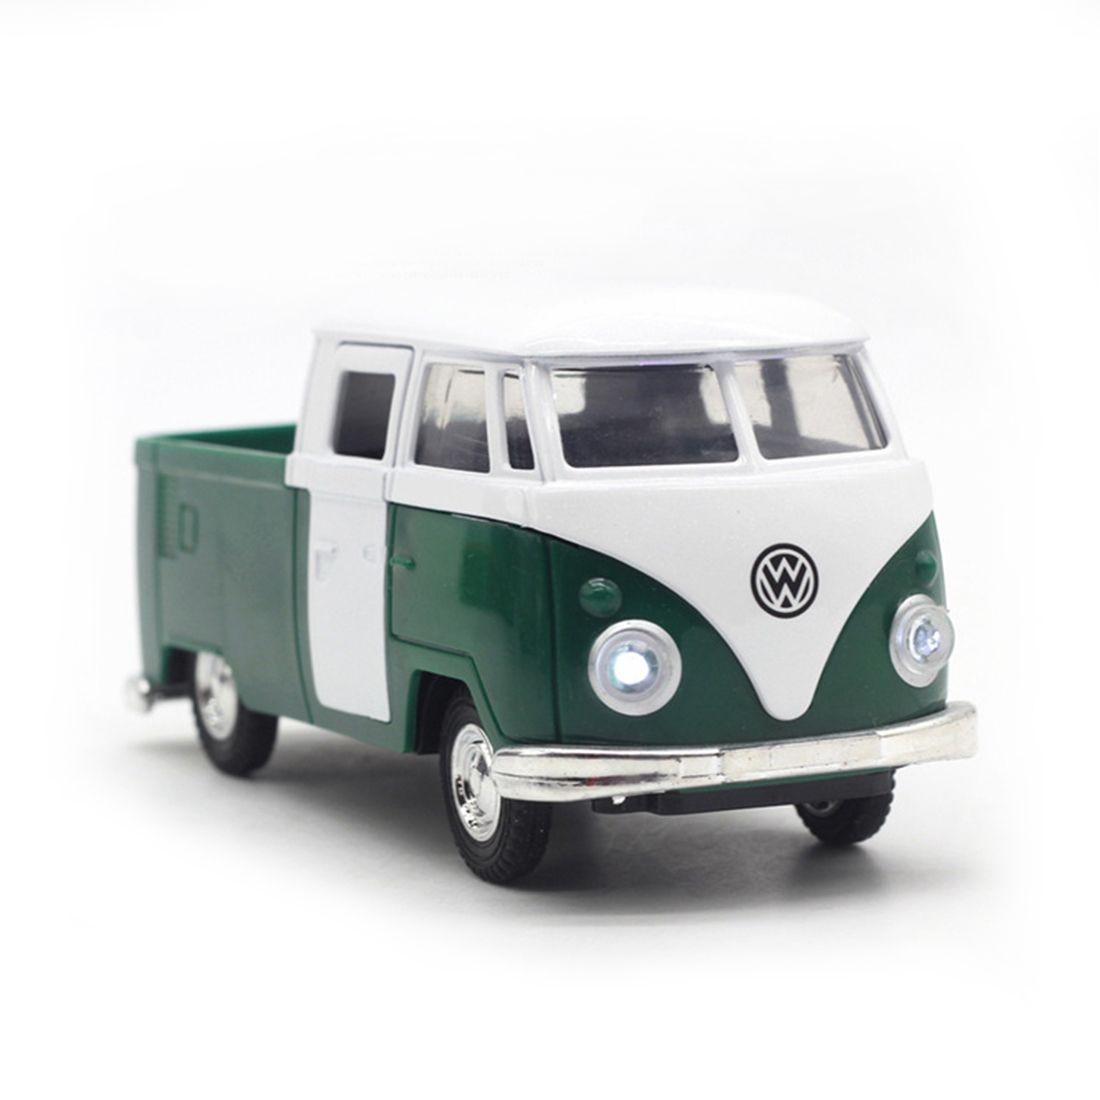 Горячая Распродажа Зеленый моделирование 1:32 звук и свет музыка отступить Ретро фургона express модель автомобиля сплава